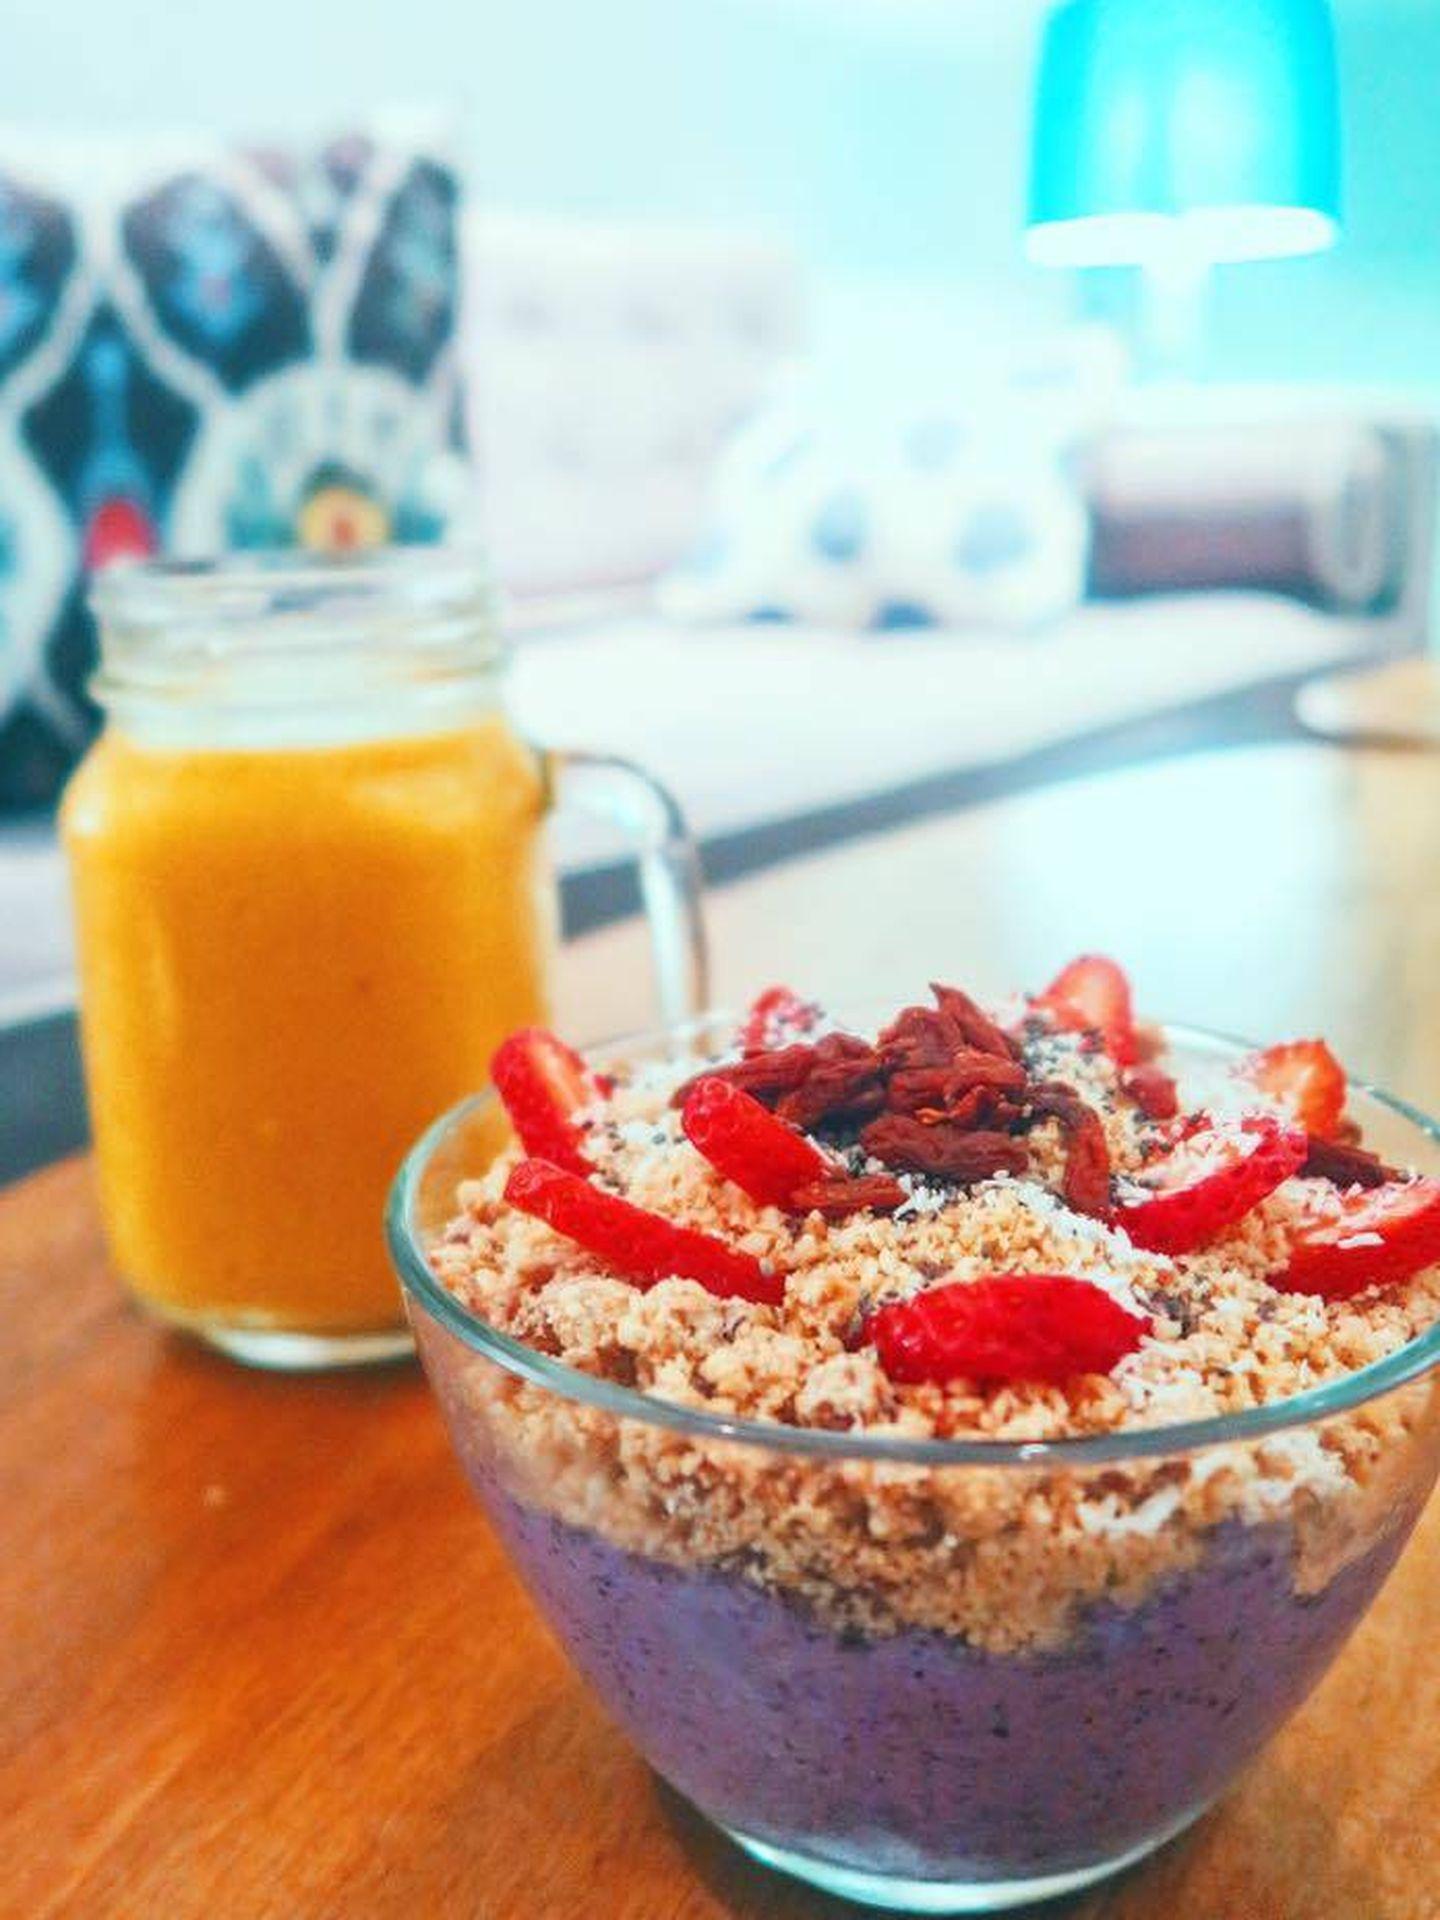 Power bowl con zumo orgánico. Vitaminas y salud. (Foto: Fit Food)